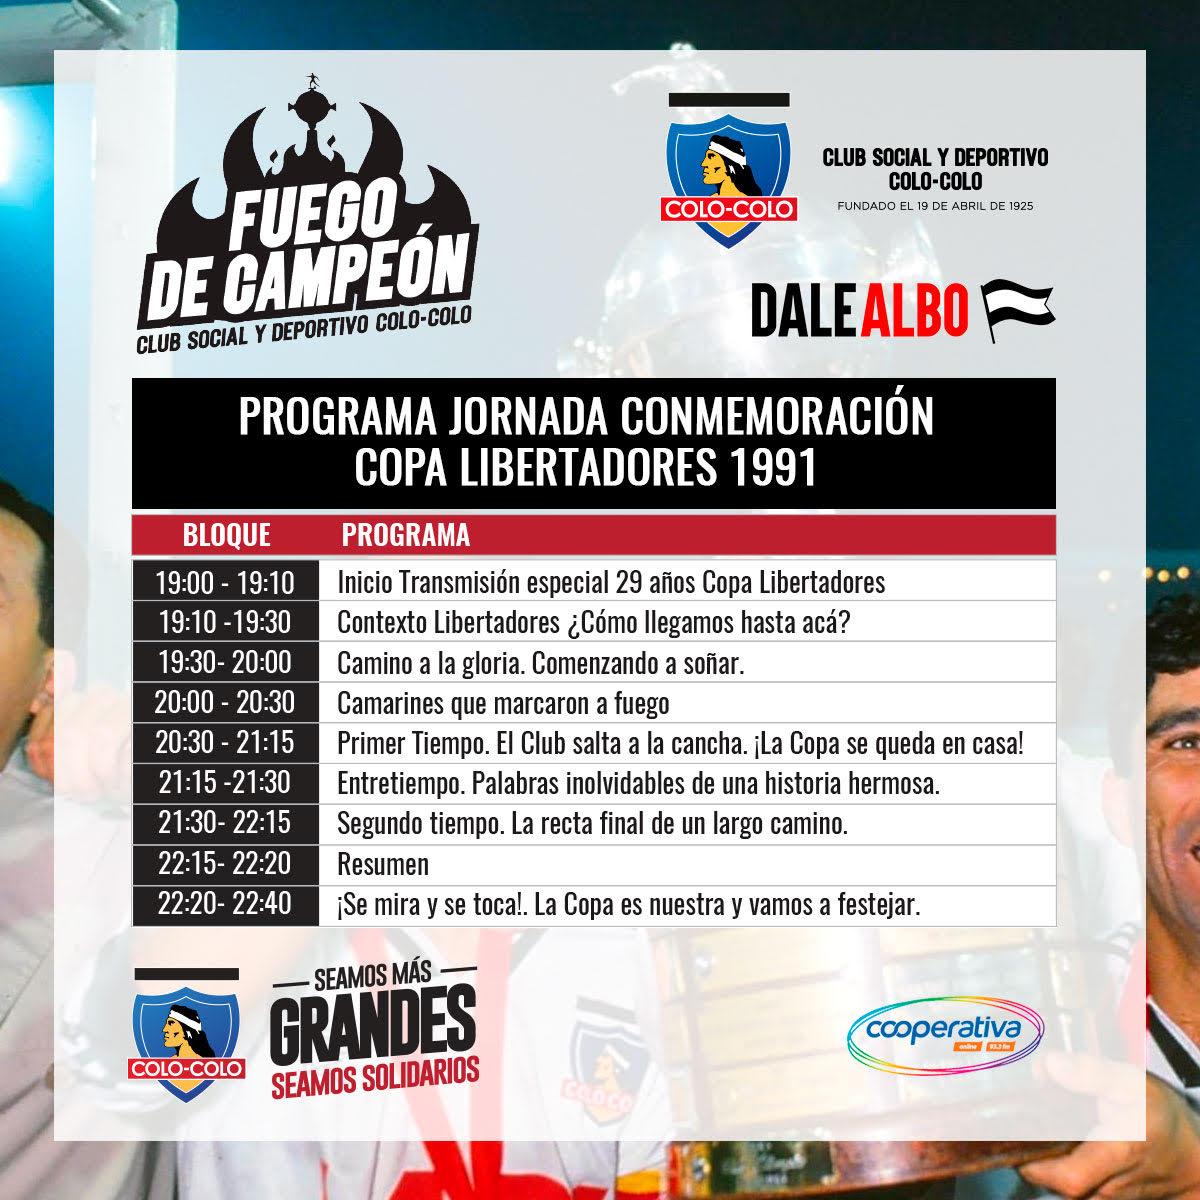 Este viernes 5 pondremos fin a la  campaña solidaria #FuegoDeCampeón y junto a @dalealbo y @Cooperativa reviviremos la obtención de la Copa Libertadores de 1991 con la participación de nuestros campeones de América.   No olvides donar tu balón de gas en 👇 https://t.co/NEMqnJo8sG https://t.co/GCMebcxbh2